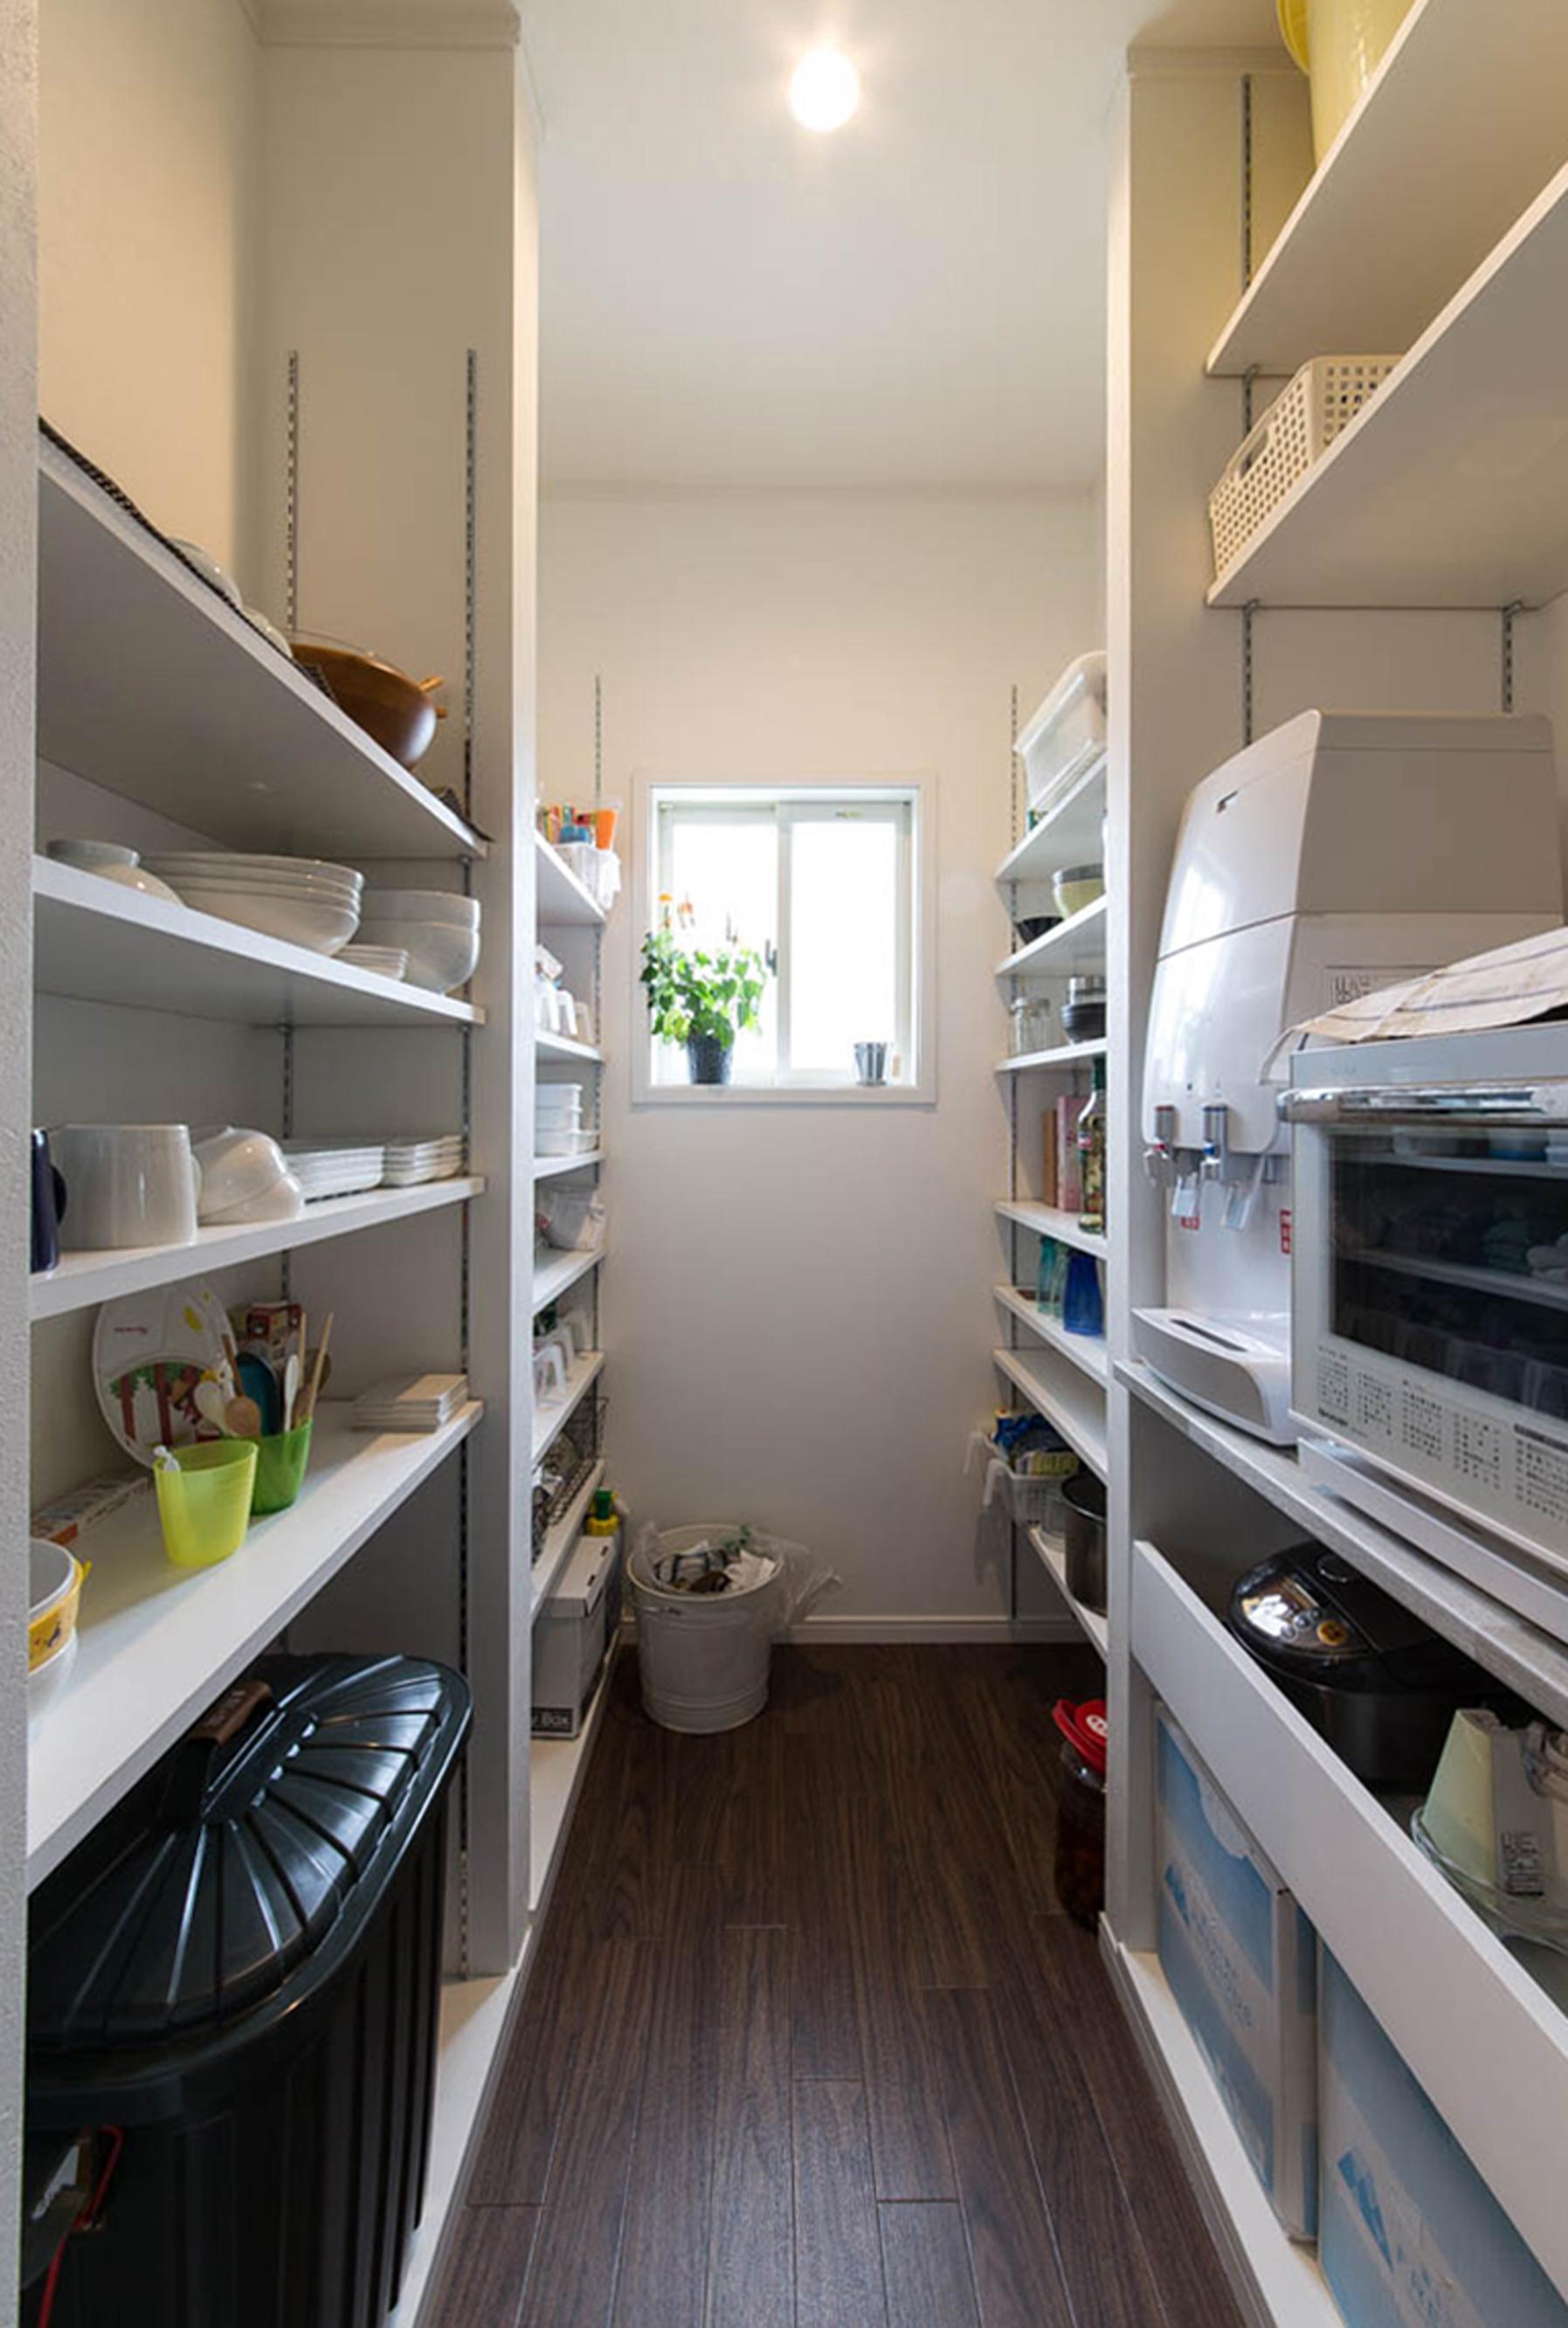 ハートホーム【デザイン住宅、収納力、間取り】キッチン裏に設けたパントリー。レンジや炊飯器、食器などキッチン周りの物はほとんどここに収納。扉がないため出入りしやすく、キッチンがきれいに片付くのが気に入っているそう